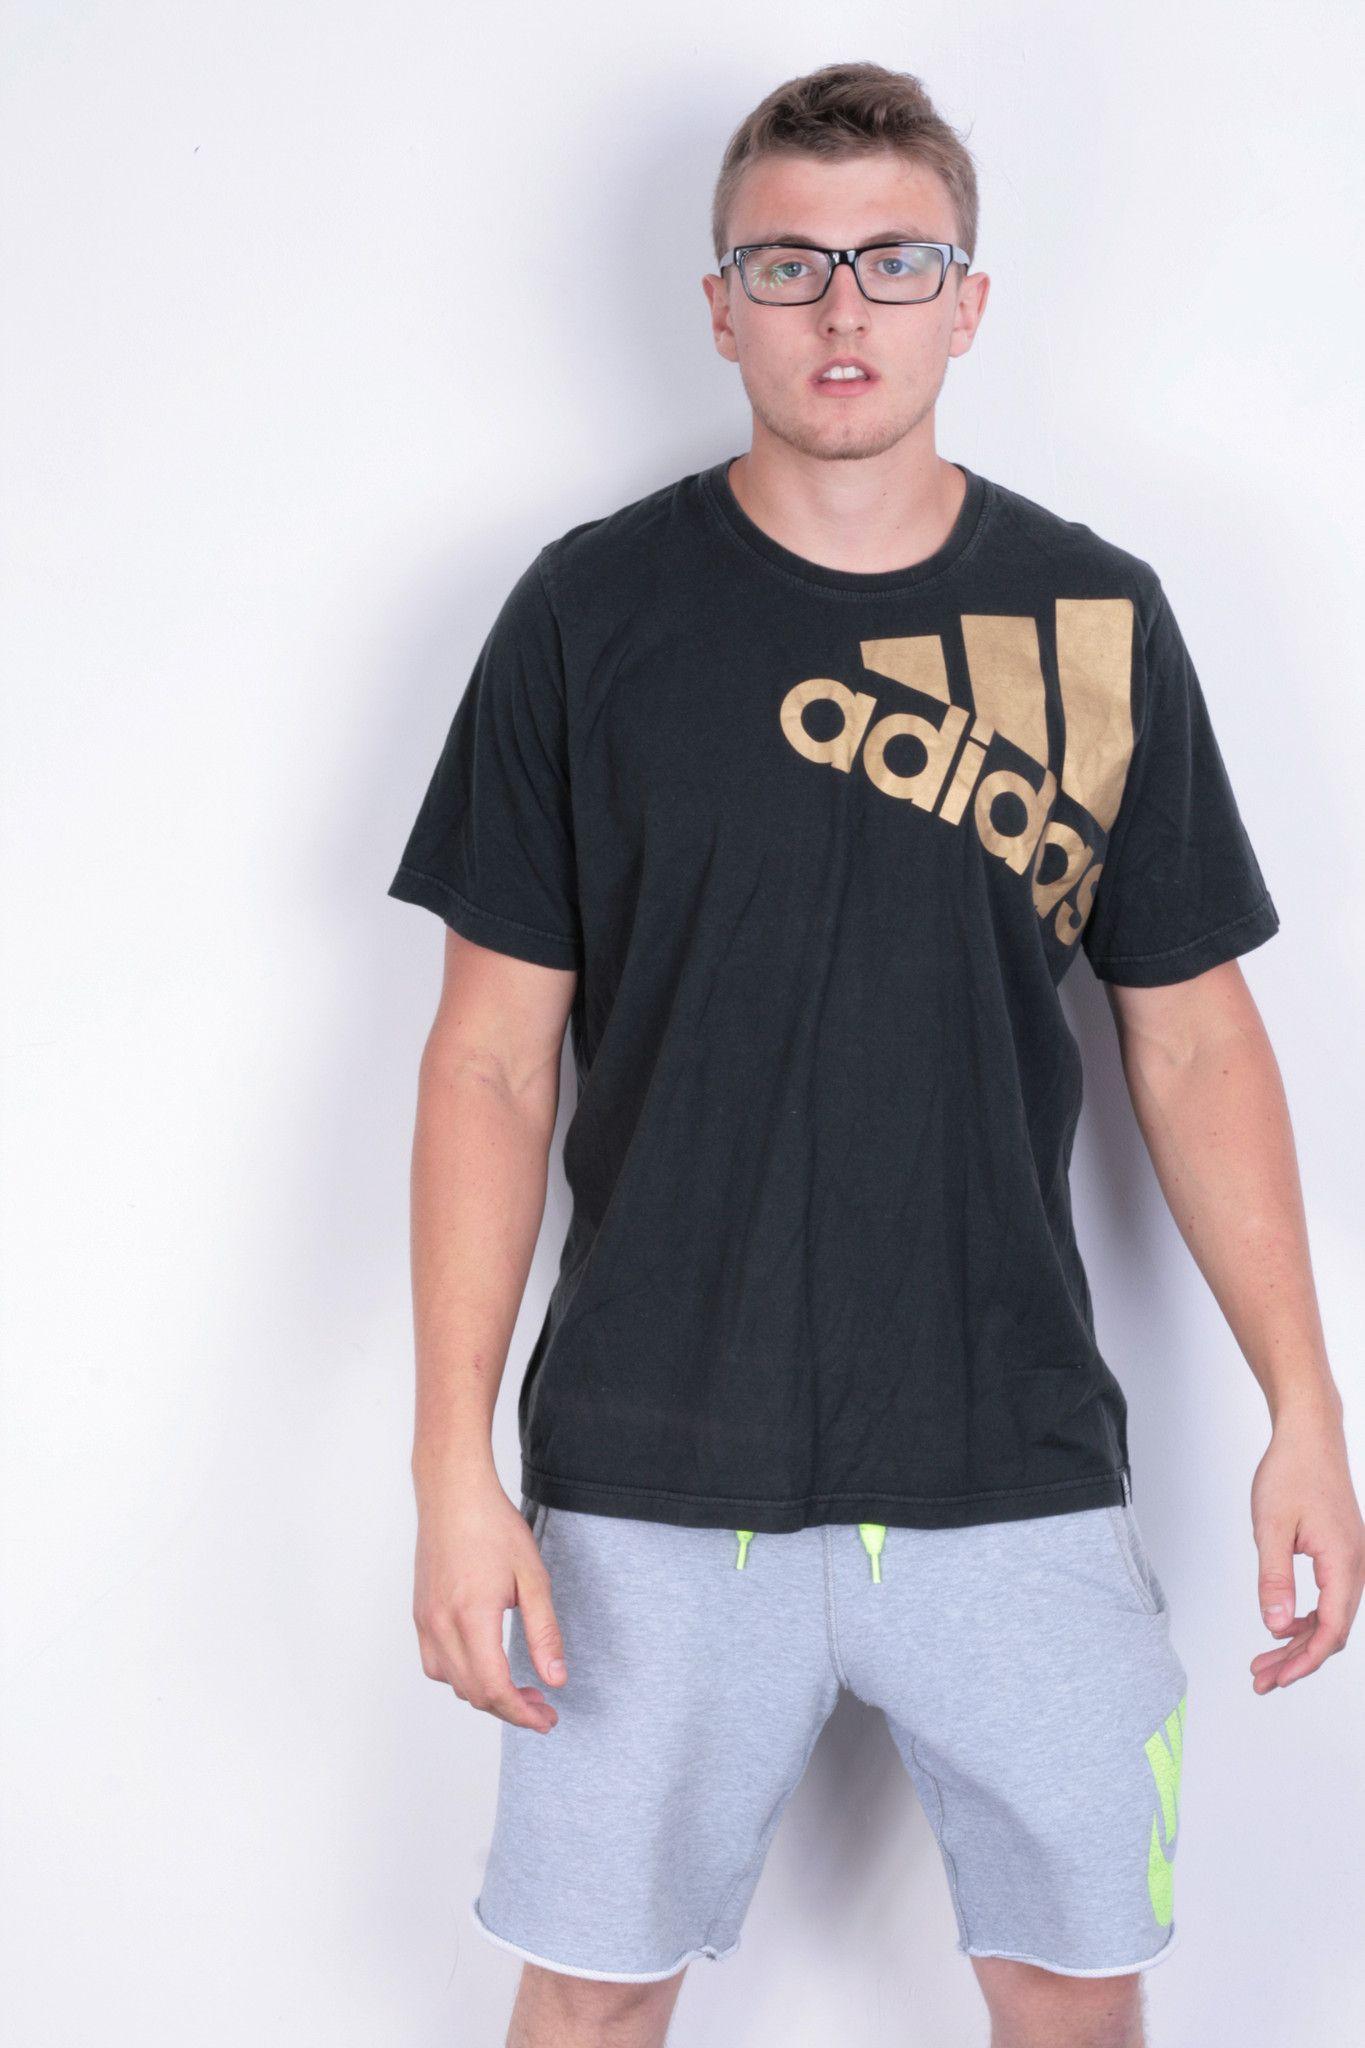 42e46f1fe493d Adidas Mens XL T- Shirt Black Cotton Short Sleeve Sport Jersey Trikot